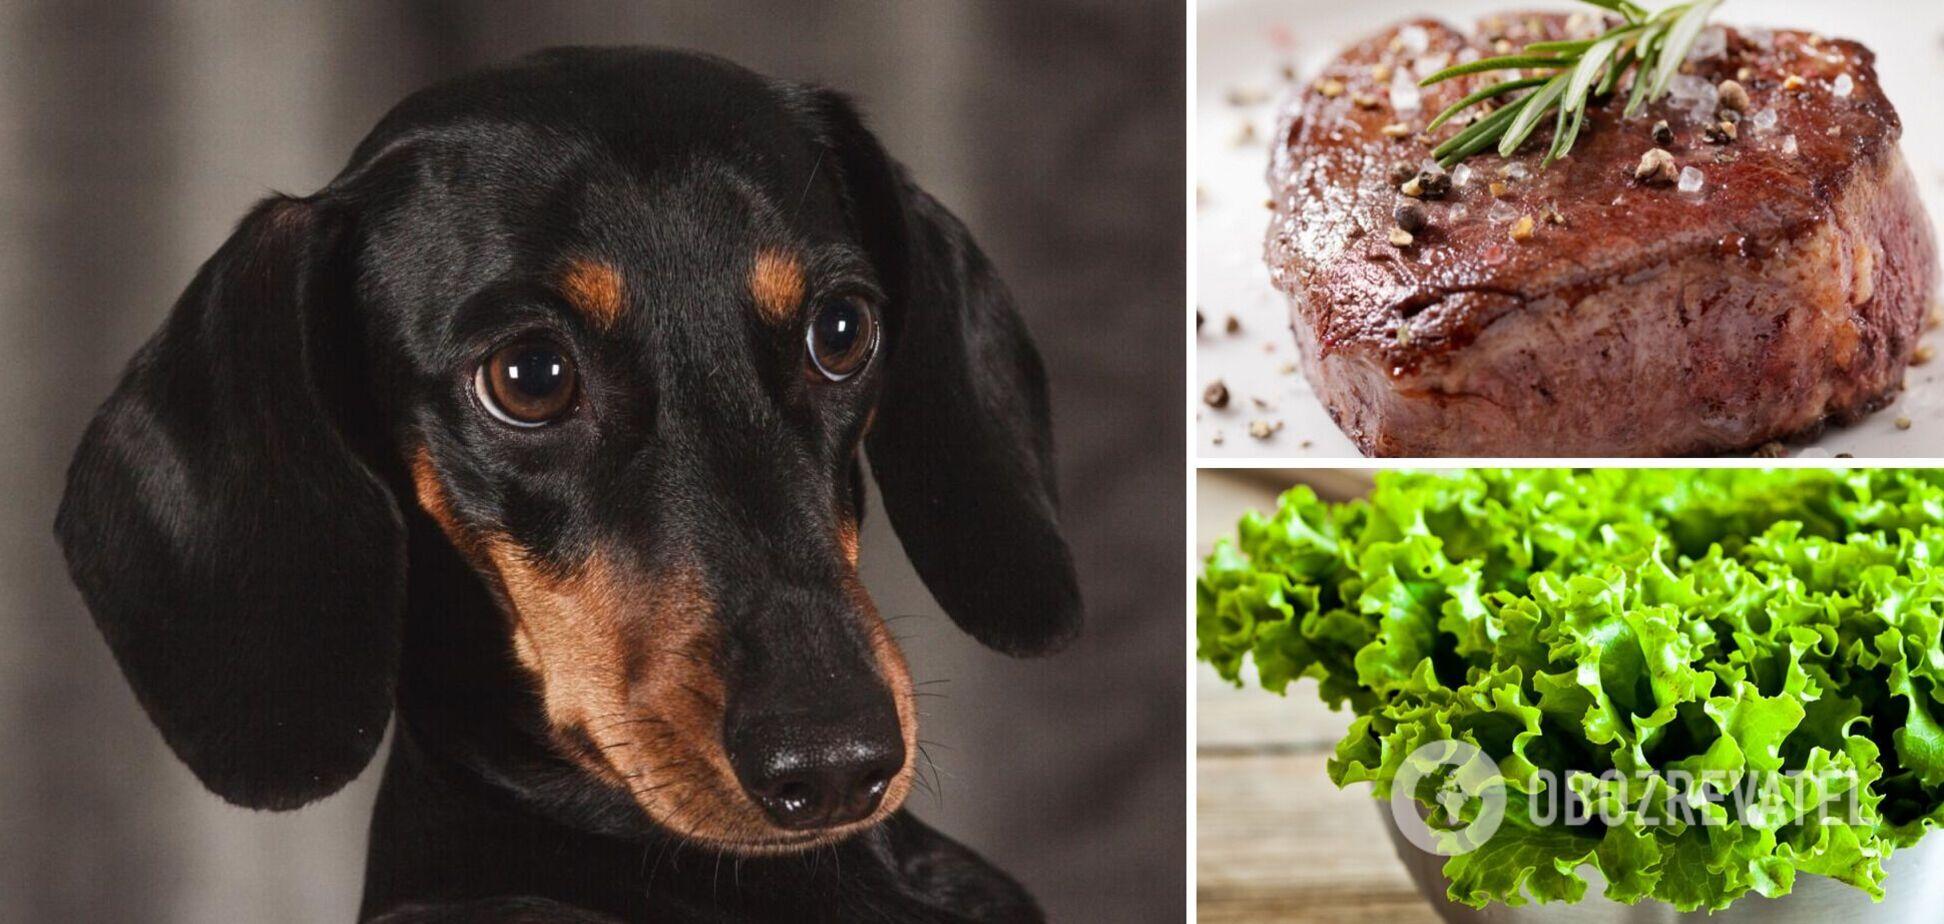 Девушка попала в конфуз, решив, что ее собака – вегетарианка: видео стало вирусным в сети